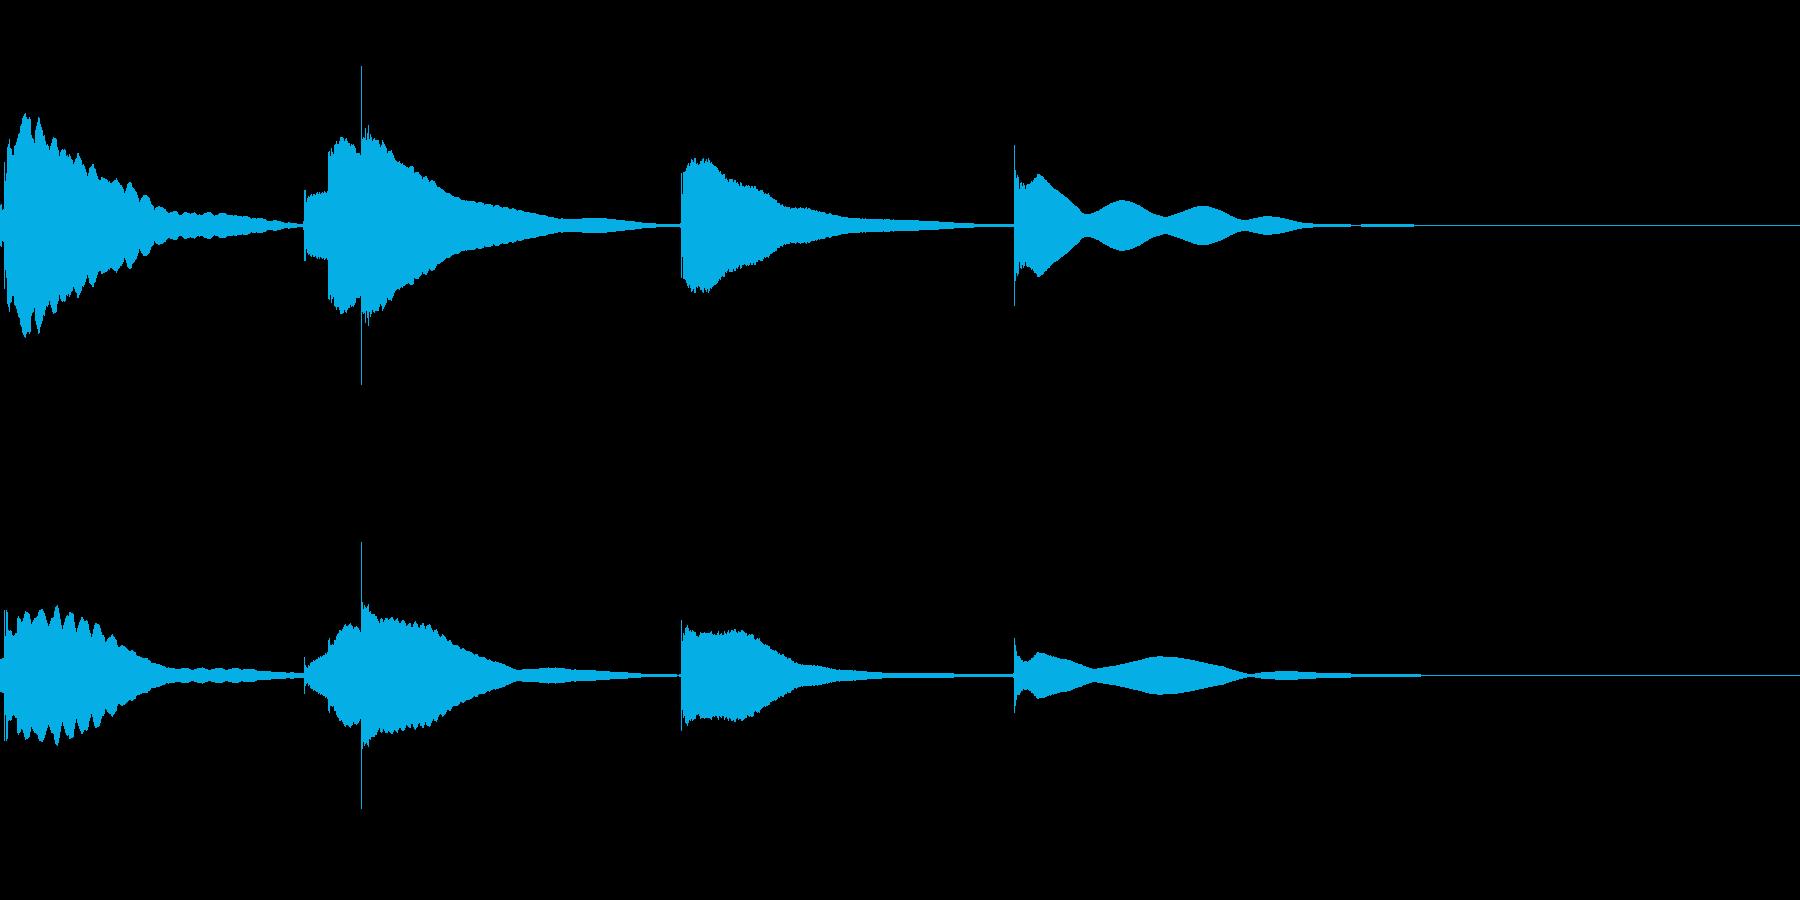 ジングル用オルゴール楽曲07-2の再生済みの波形